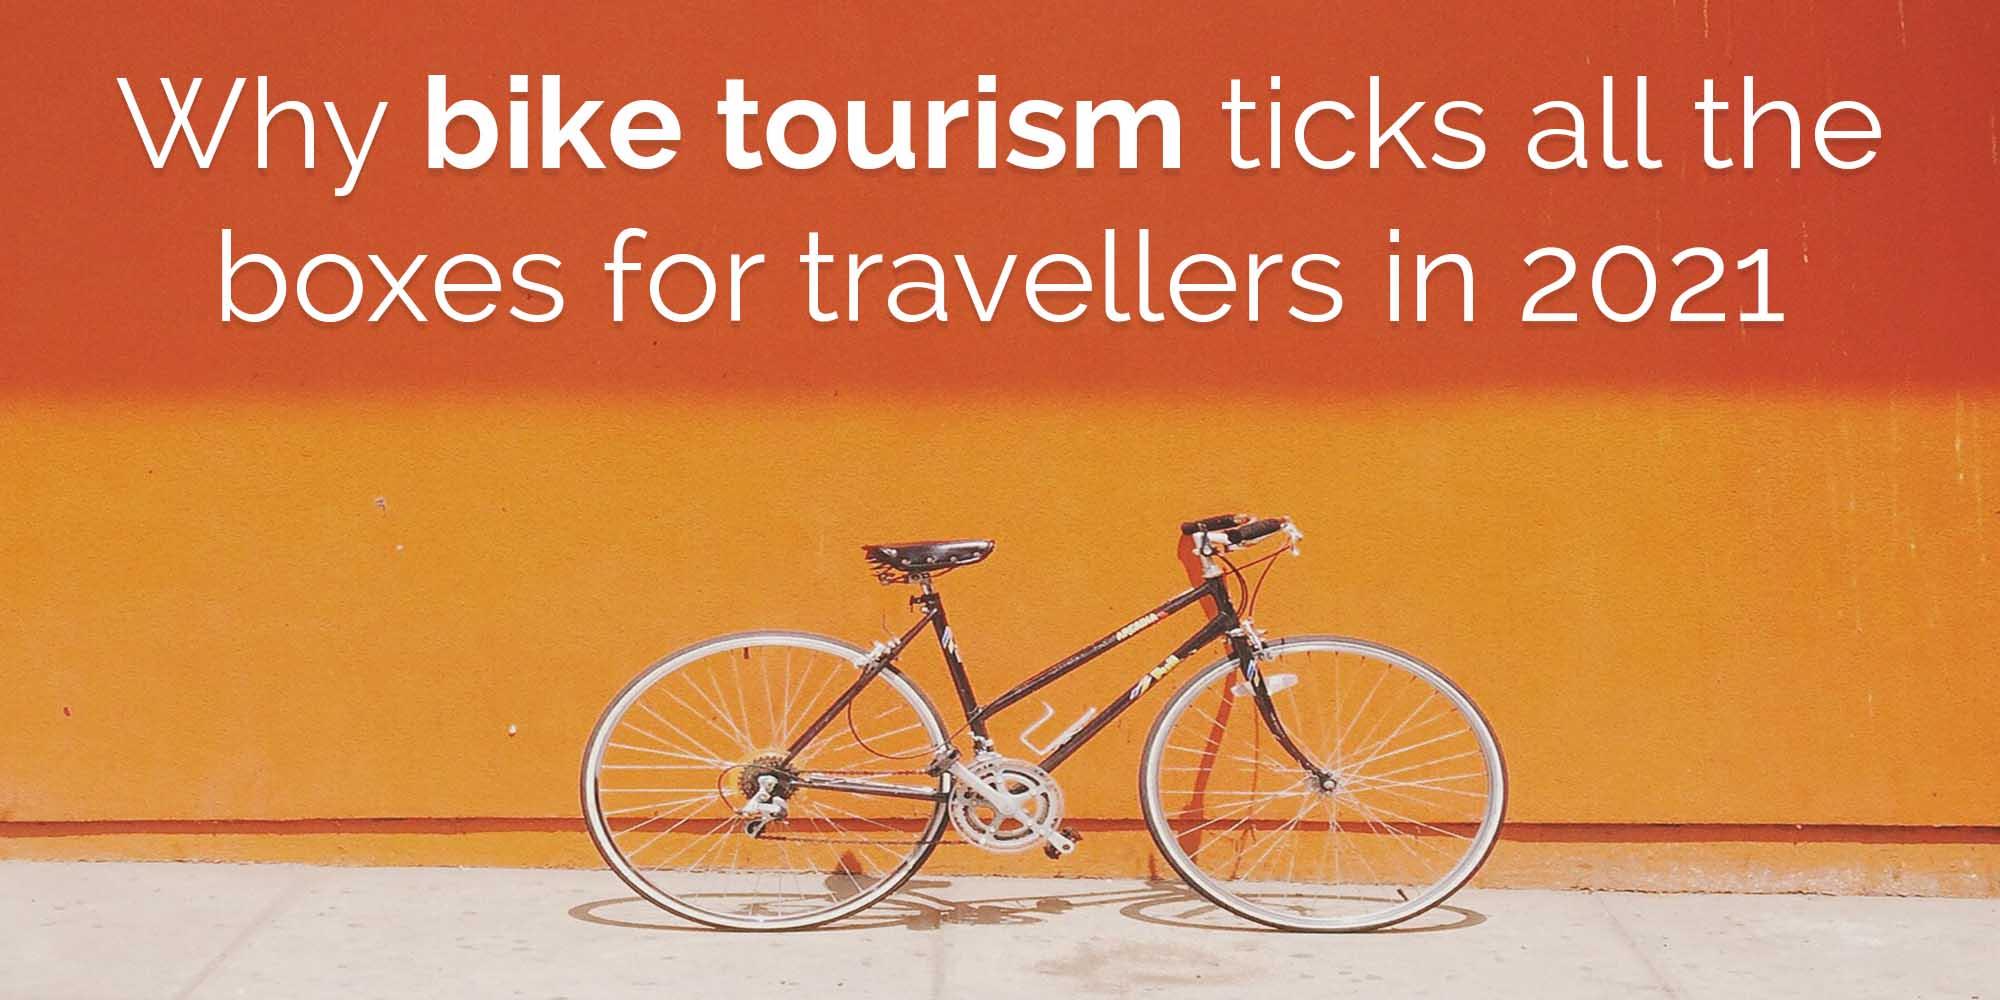 bike tourism 2021